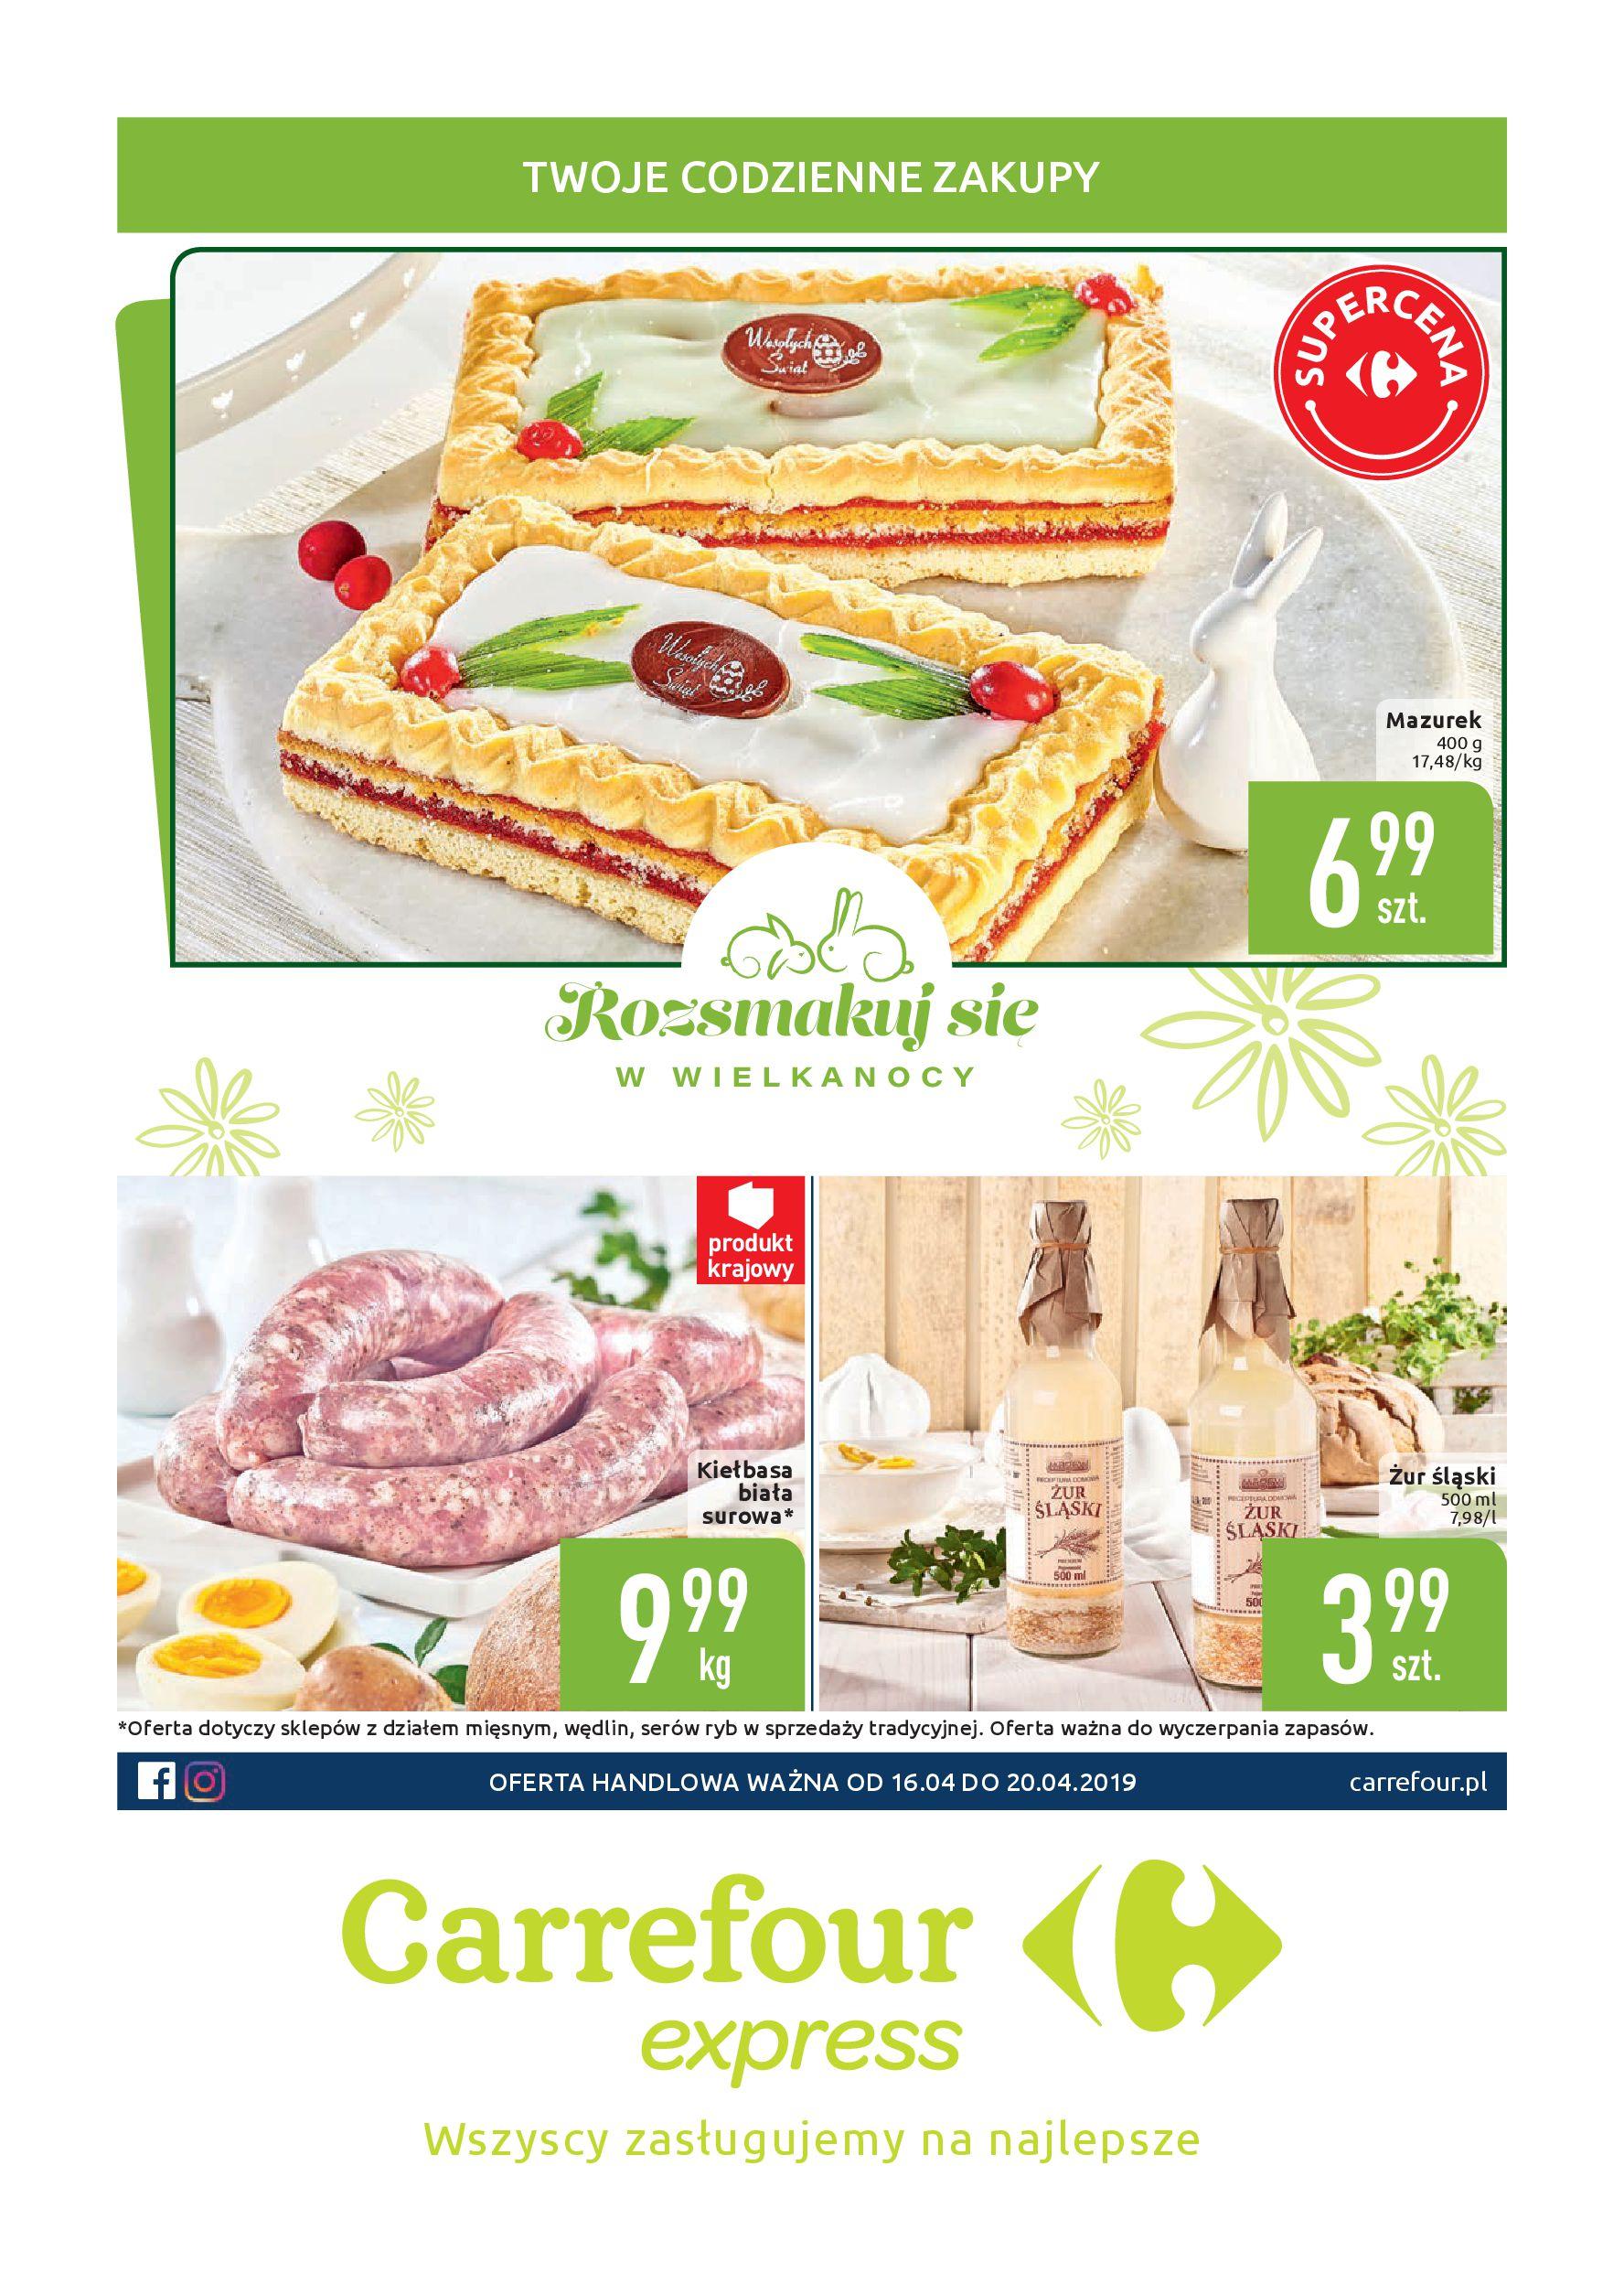 Gazetka Carrefour Express - Twoje codzienne zakupy-15.04.2019-20.04.2019-page-